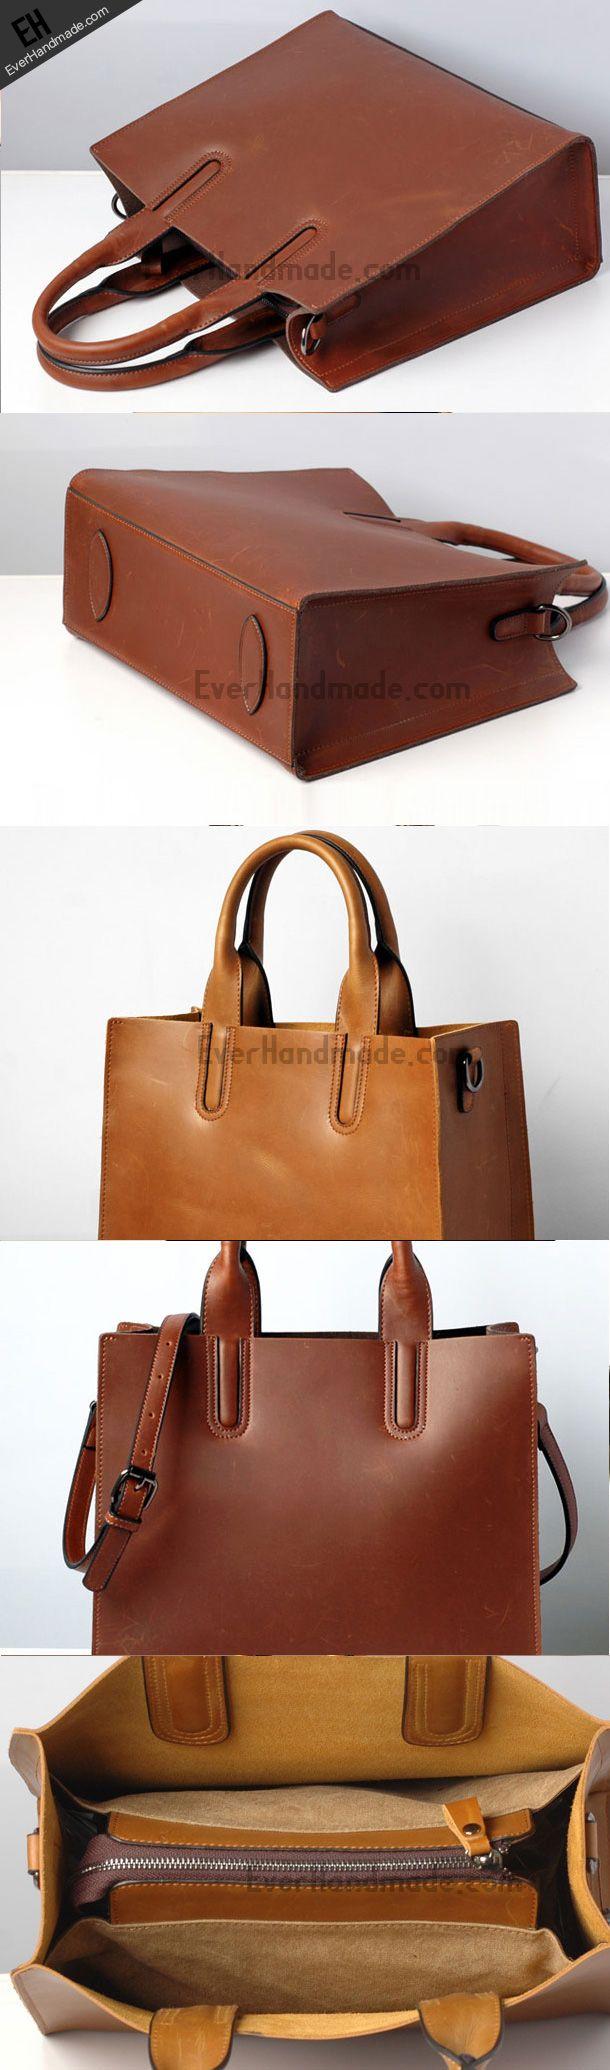 Handmade Leather handbag shoulder bag purse tote for women